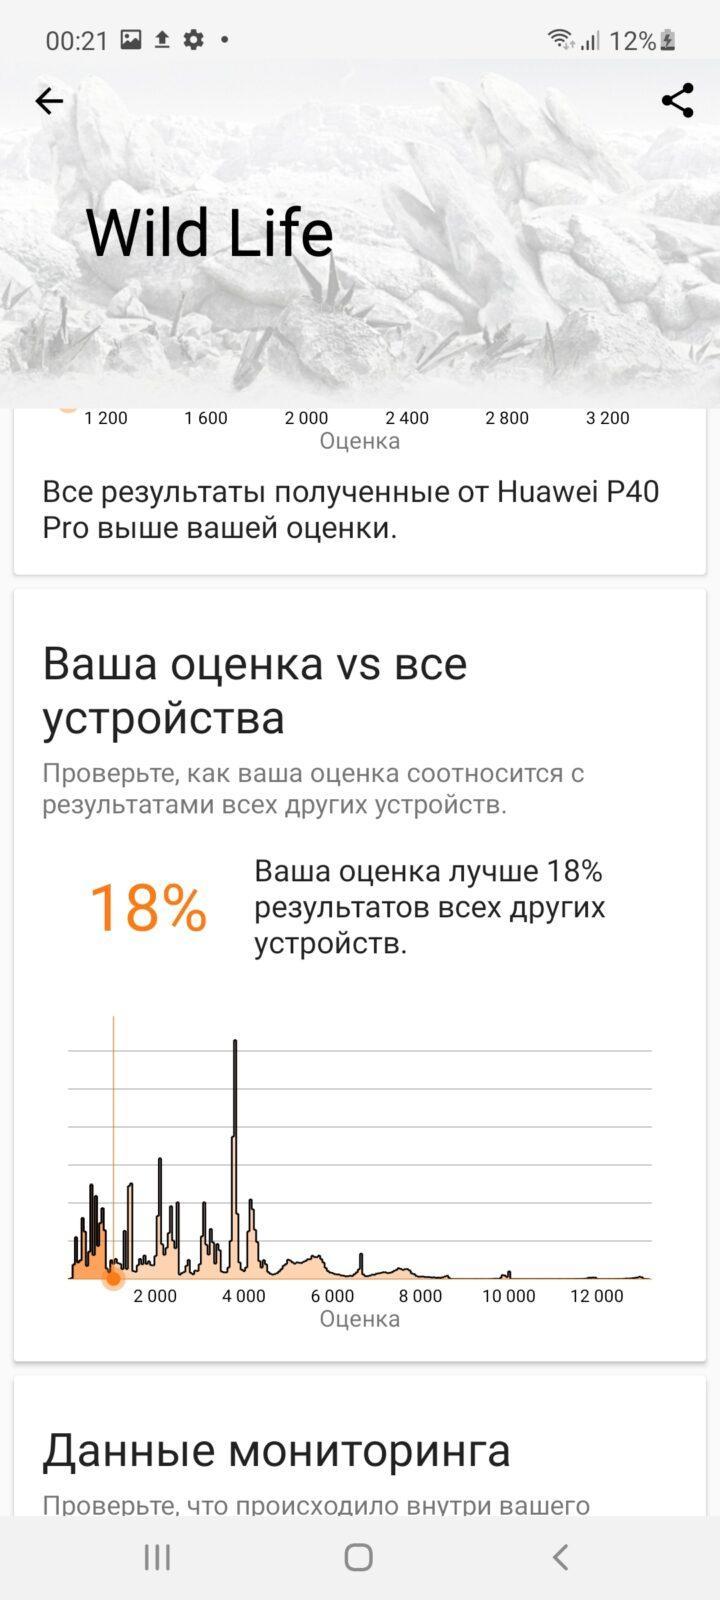 Обзор Samsung Galaxy A52: красивый, мощный и недорогой смартфон (screenshot 20210503 002145 3dmark)